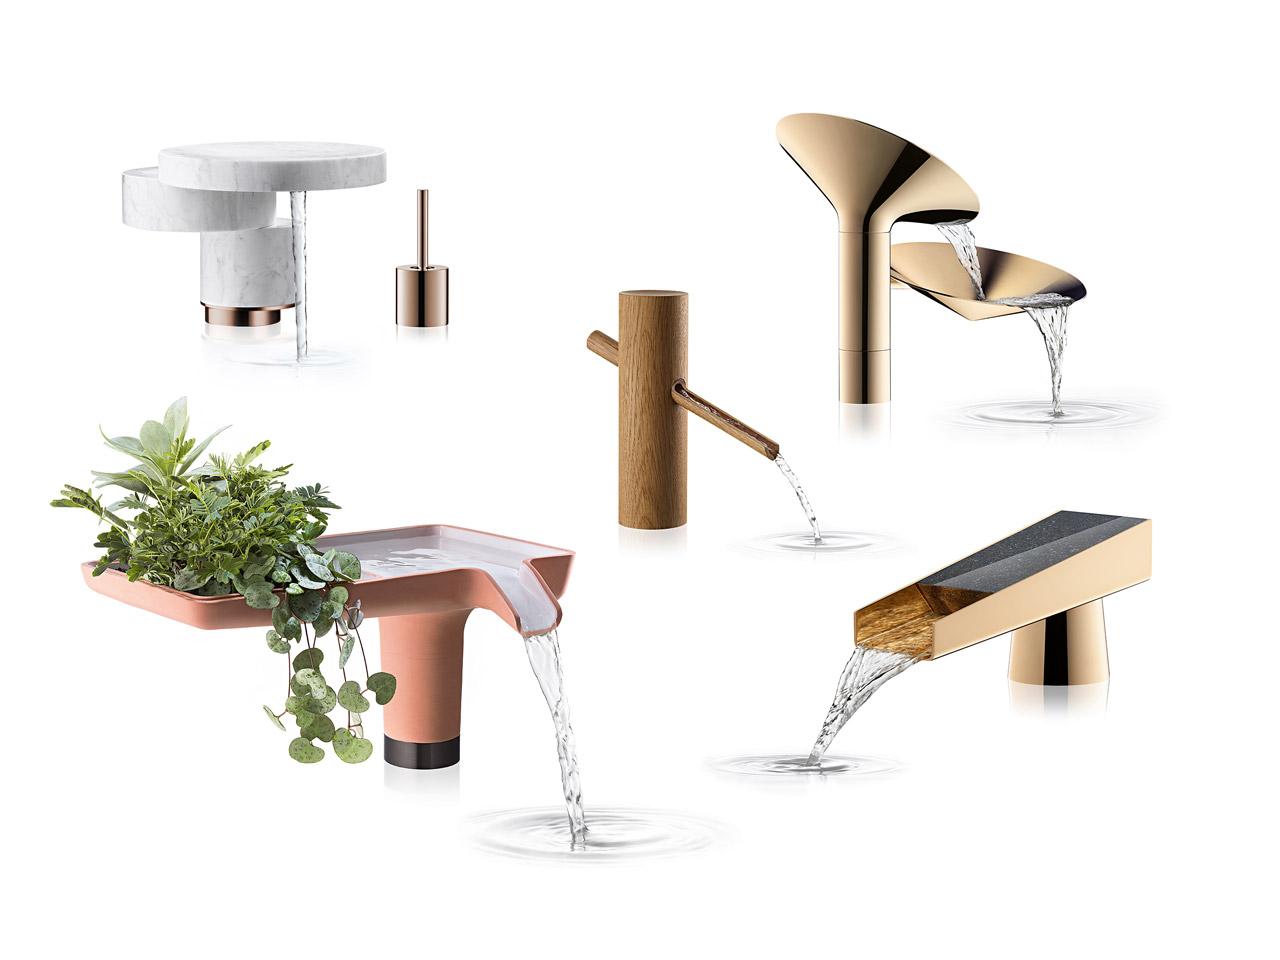 WaterDream 2016: Designers Reimagine Faucets - Design Milk